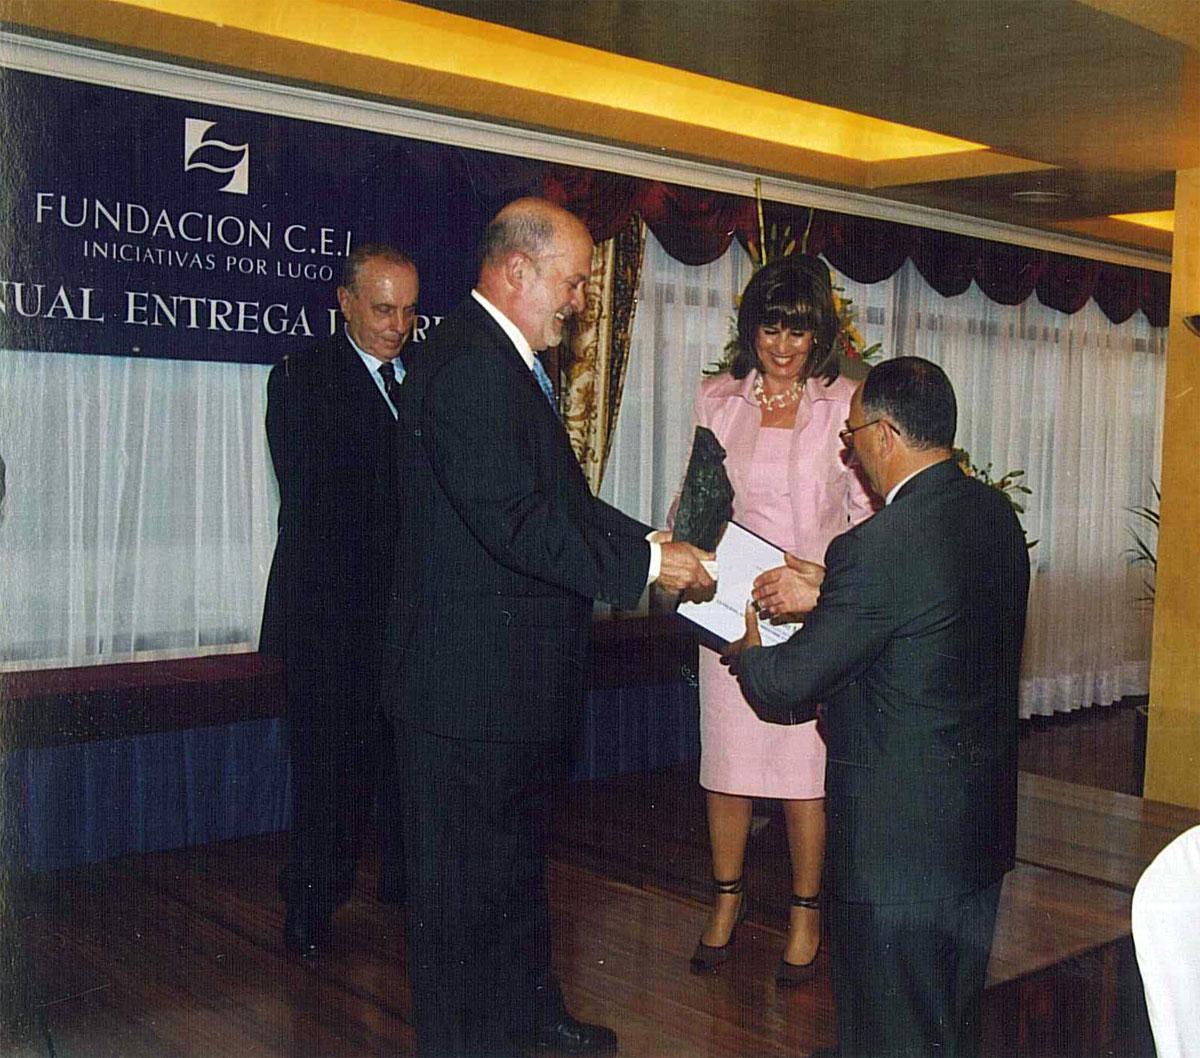 Ganador del Premio a la Calidad, Seguridad Industrial y Protección Medioambiental: Cafés Candelas, S.L.